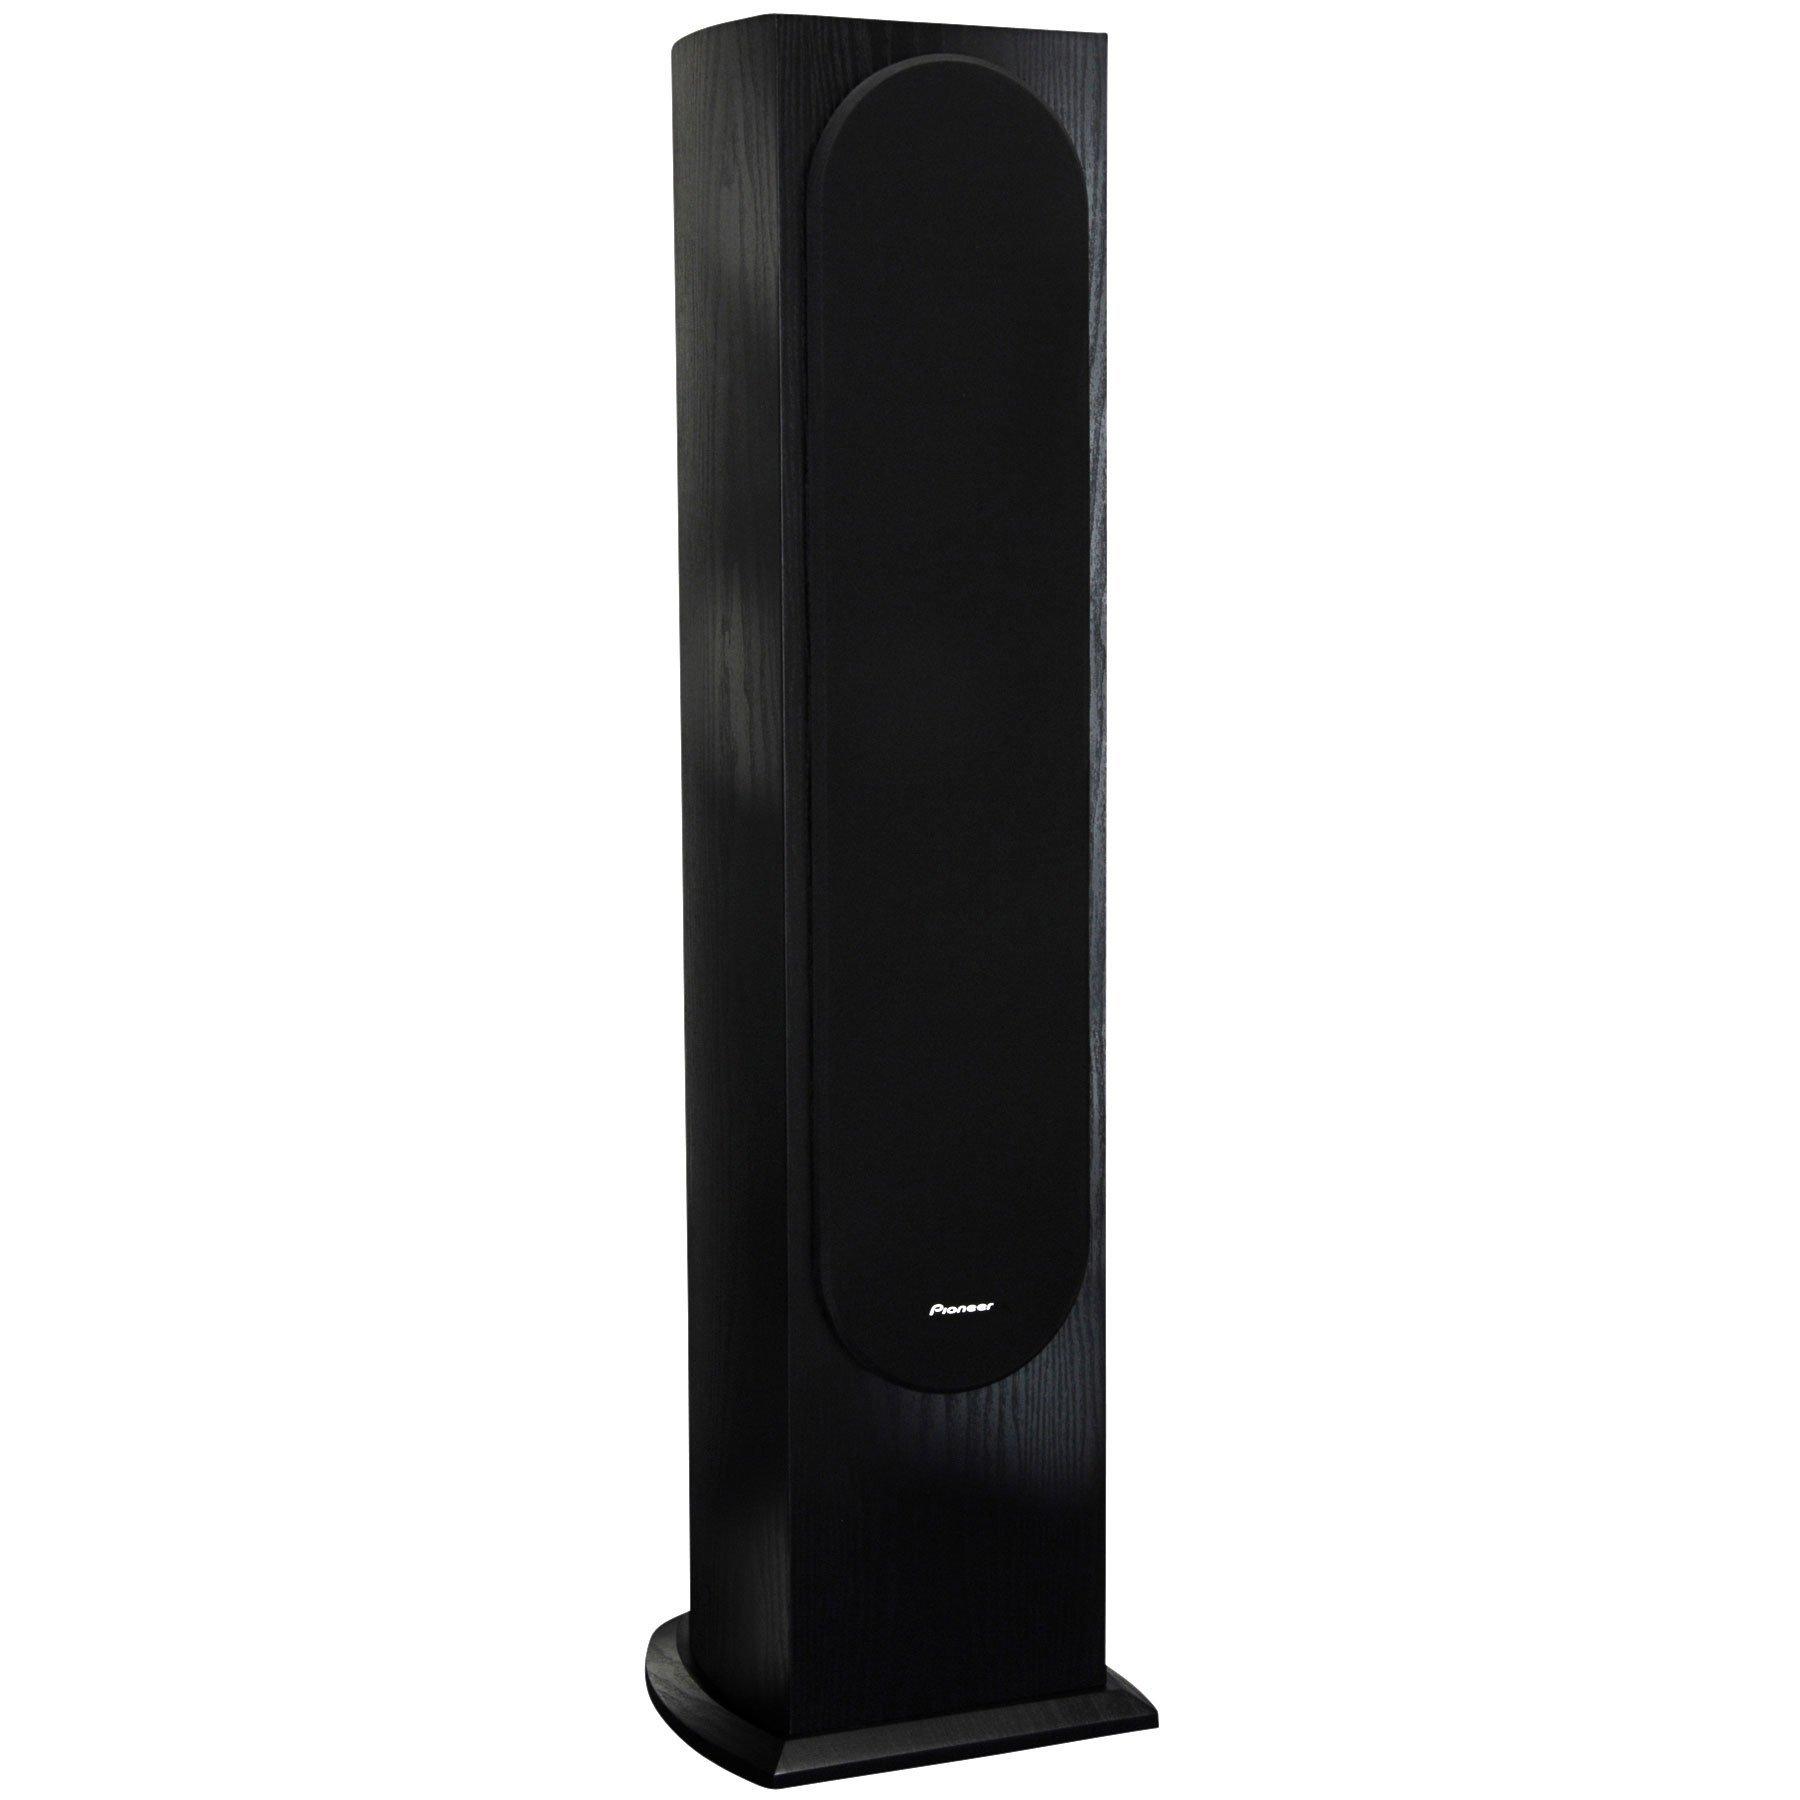 Pioneer SP-FS52 Home Audio Andrew Jones Designed Floor Standing Loudspeaker, Black